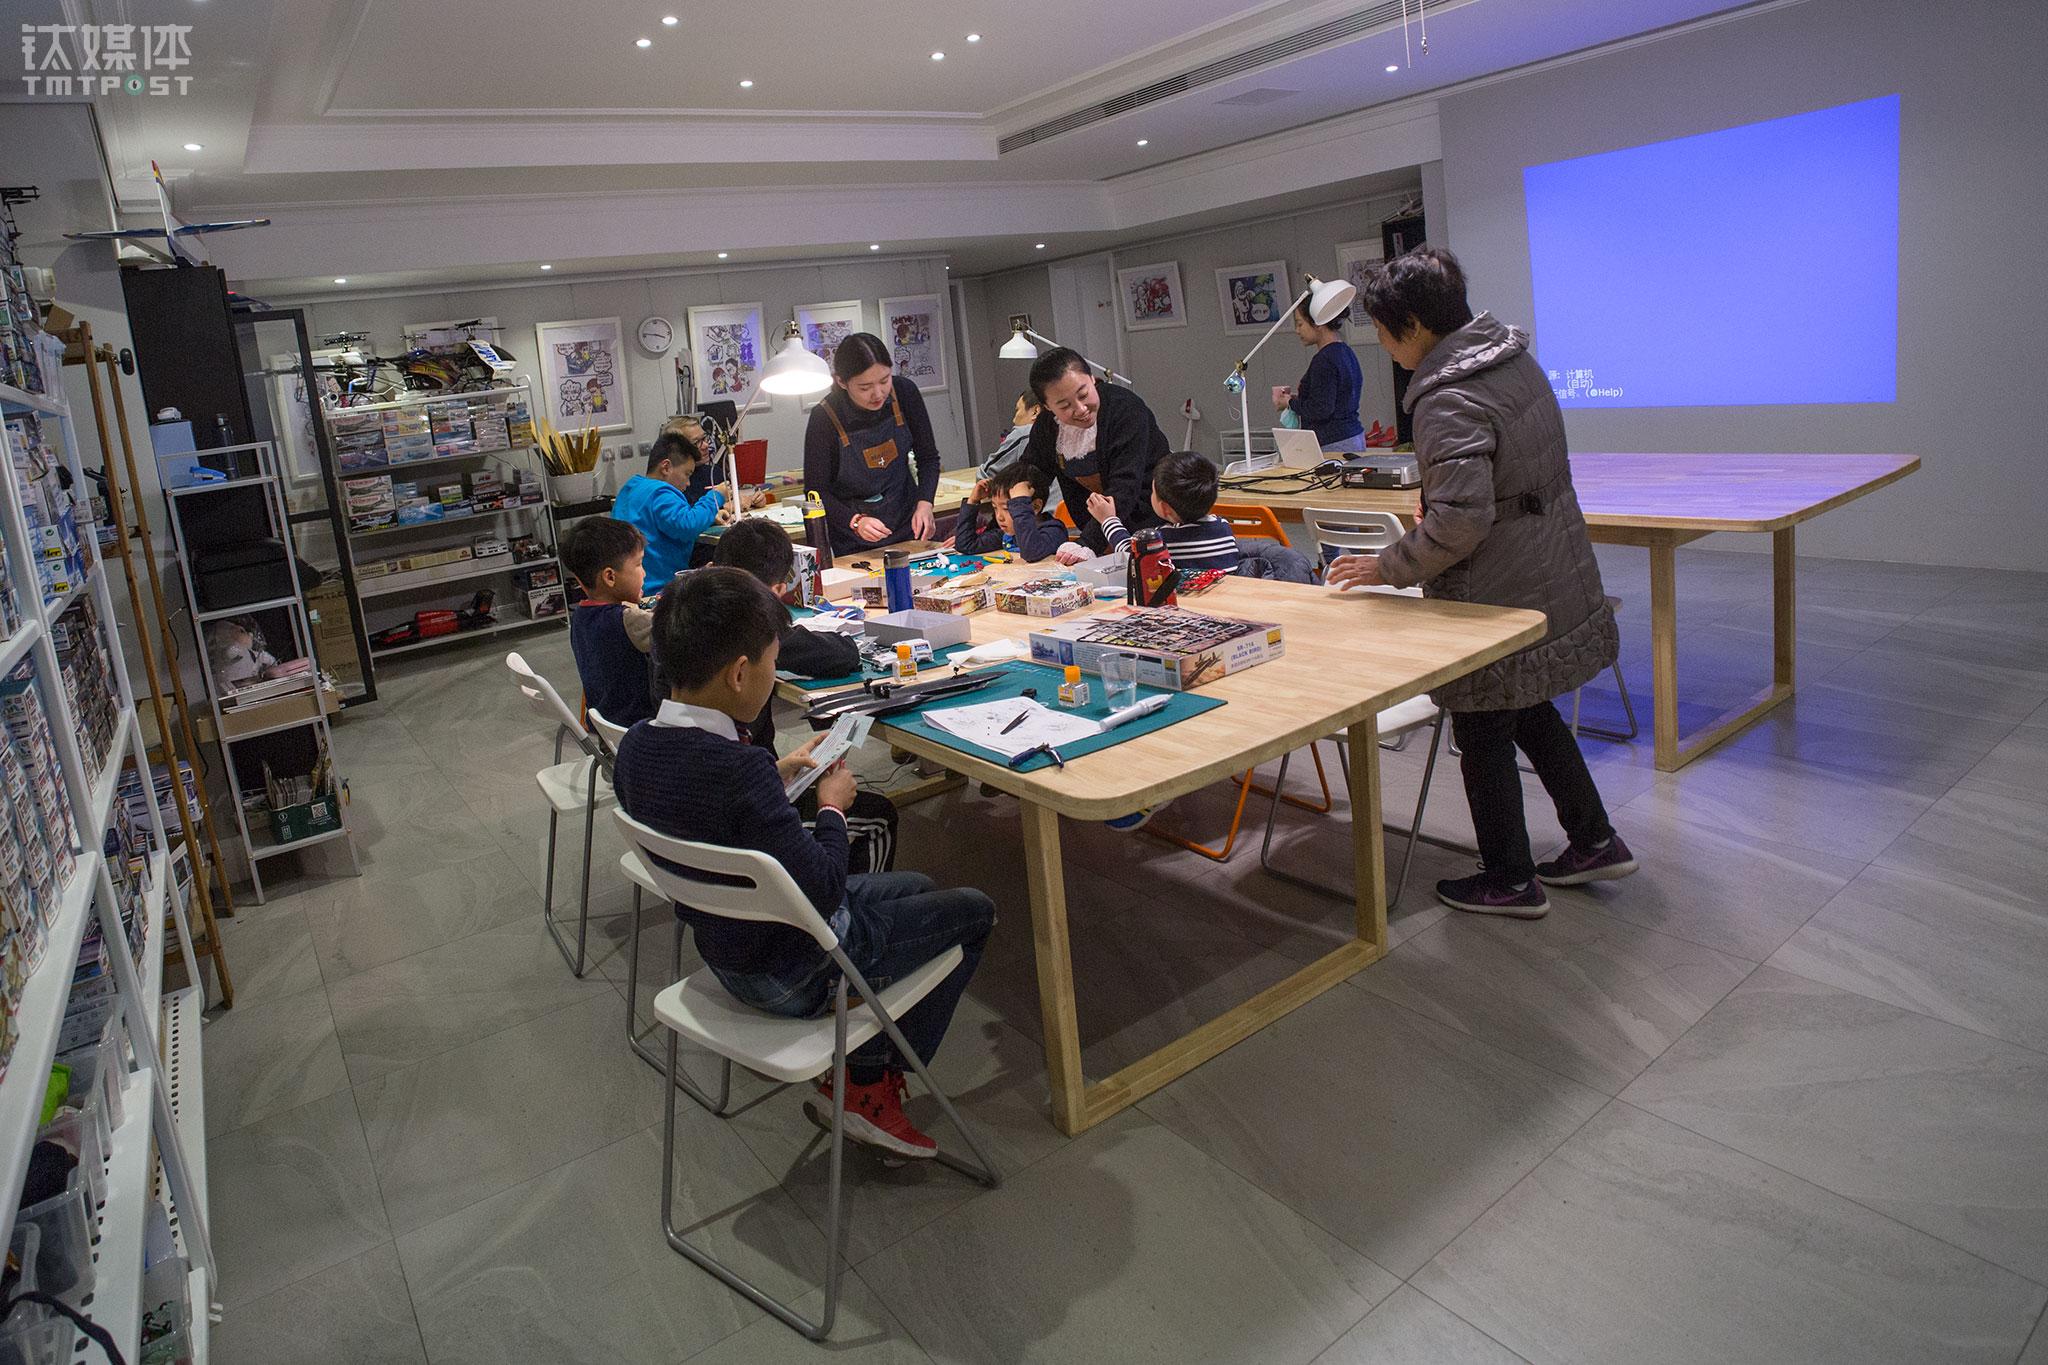 2017年底,有投资者发现了郑富德的Maker航模教室,他们开始为这个项目注资,准备再2018年开4家店面。12月23日,几个小朋友在Maker航模教室一处新址上课。郑富德已经着手做师资培训,培训出了6名航模老师在教室任职。